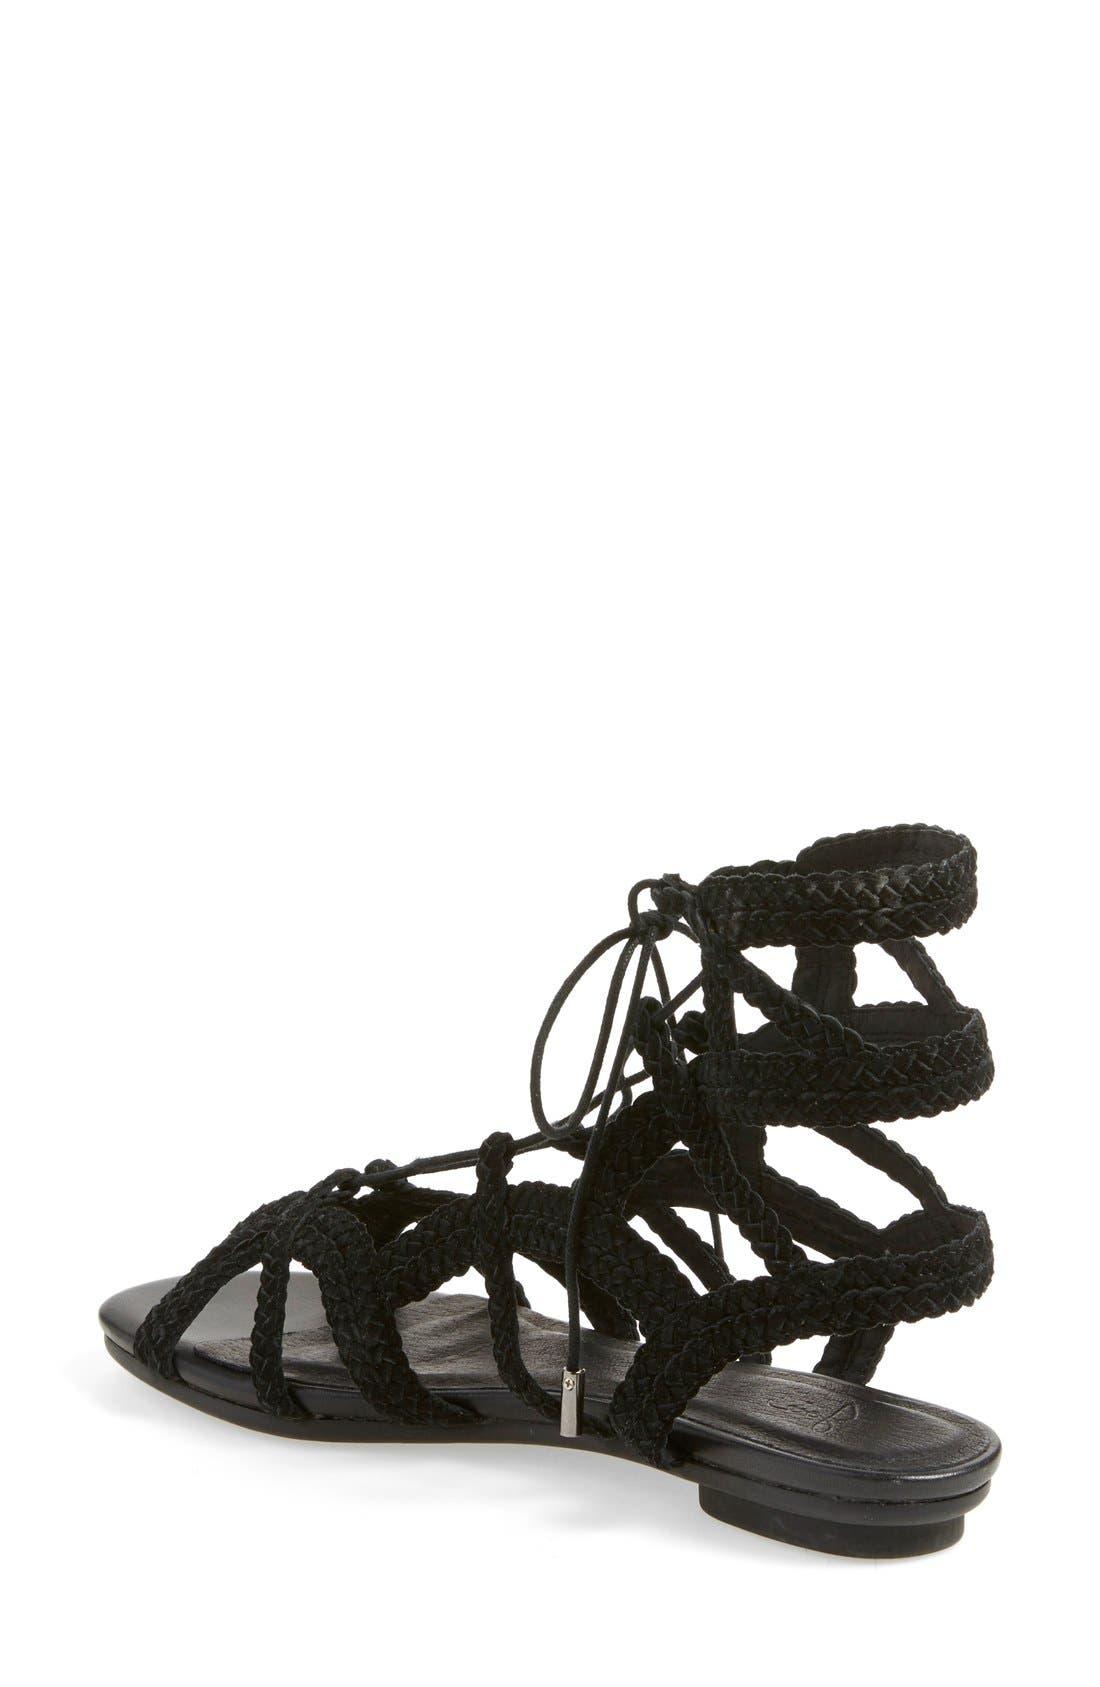 Alternate Image 2  - Joie 'Fynn' Gladiator Sandal (Women)